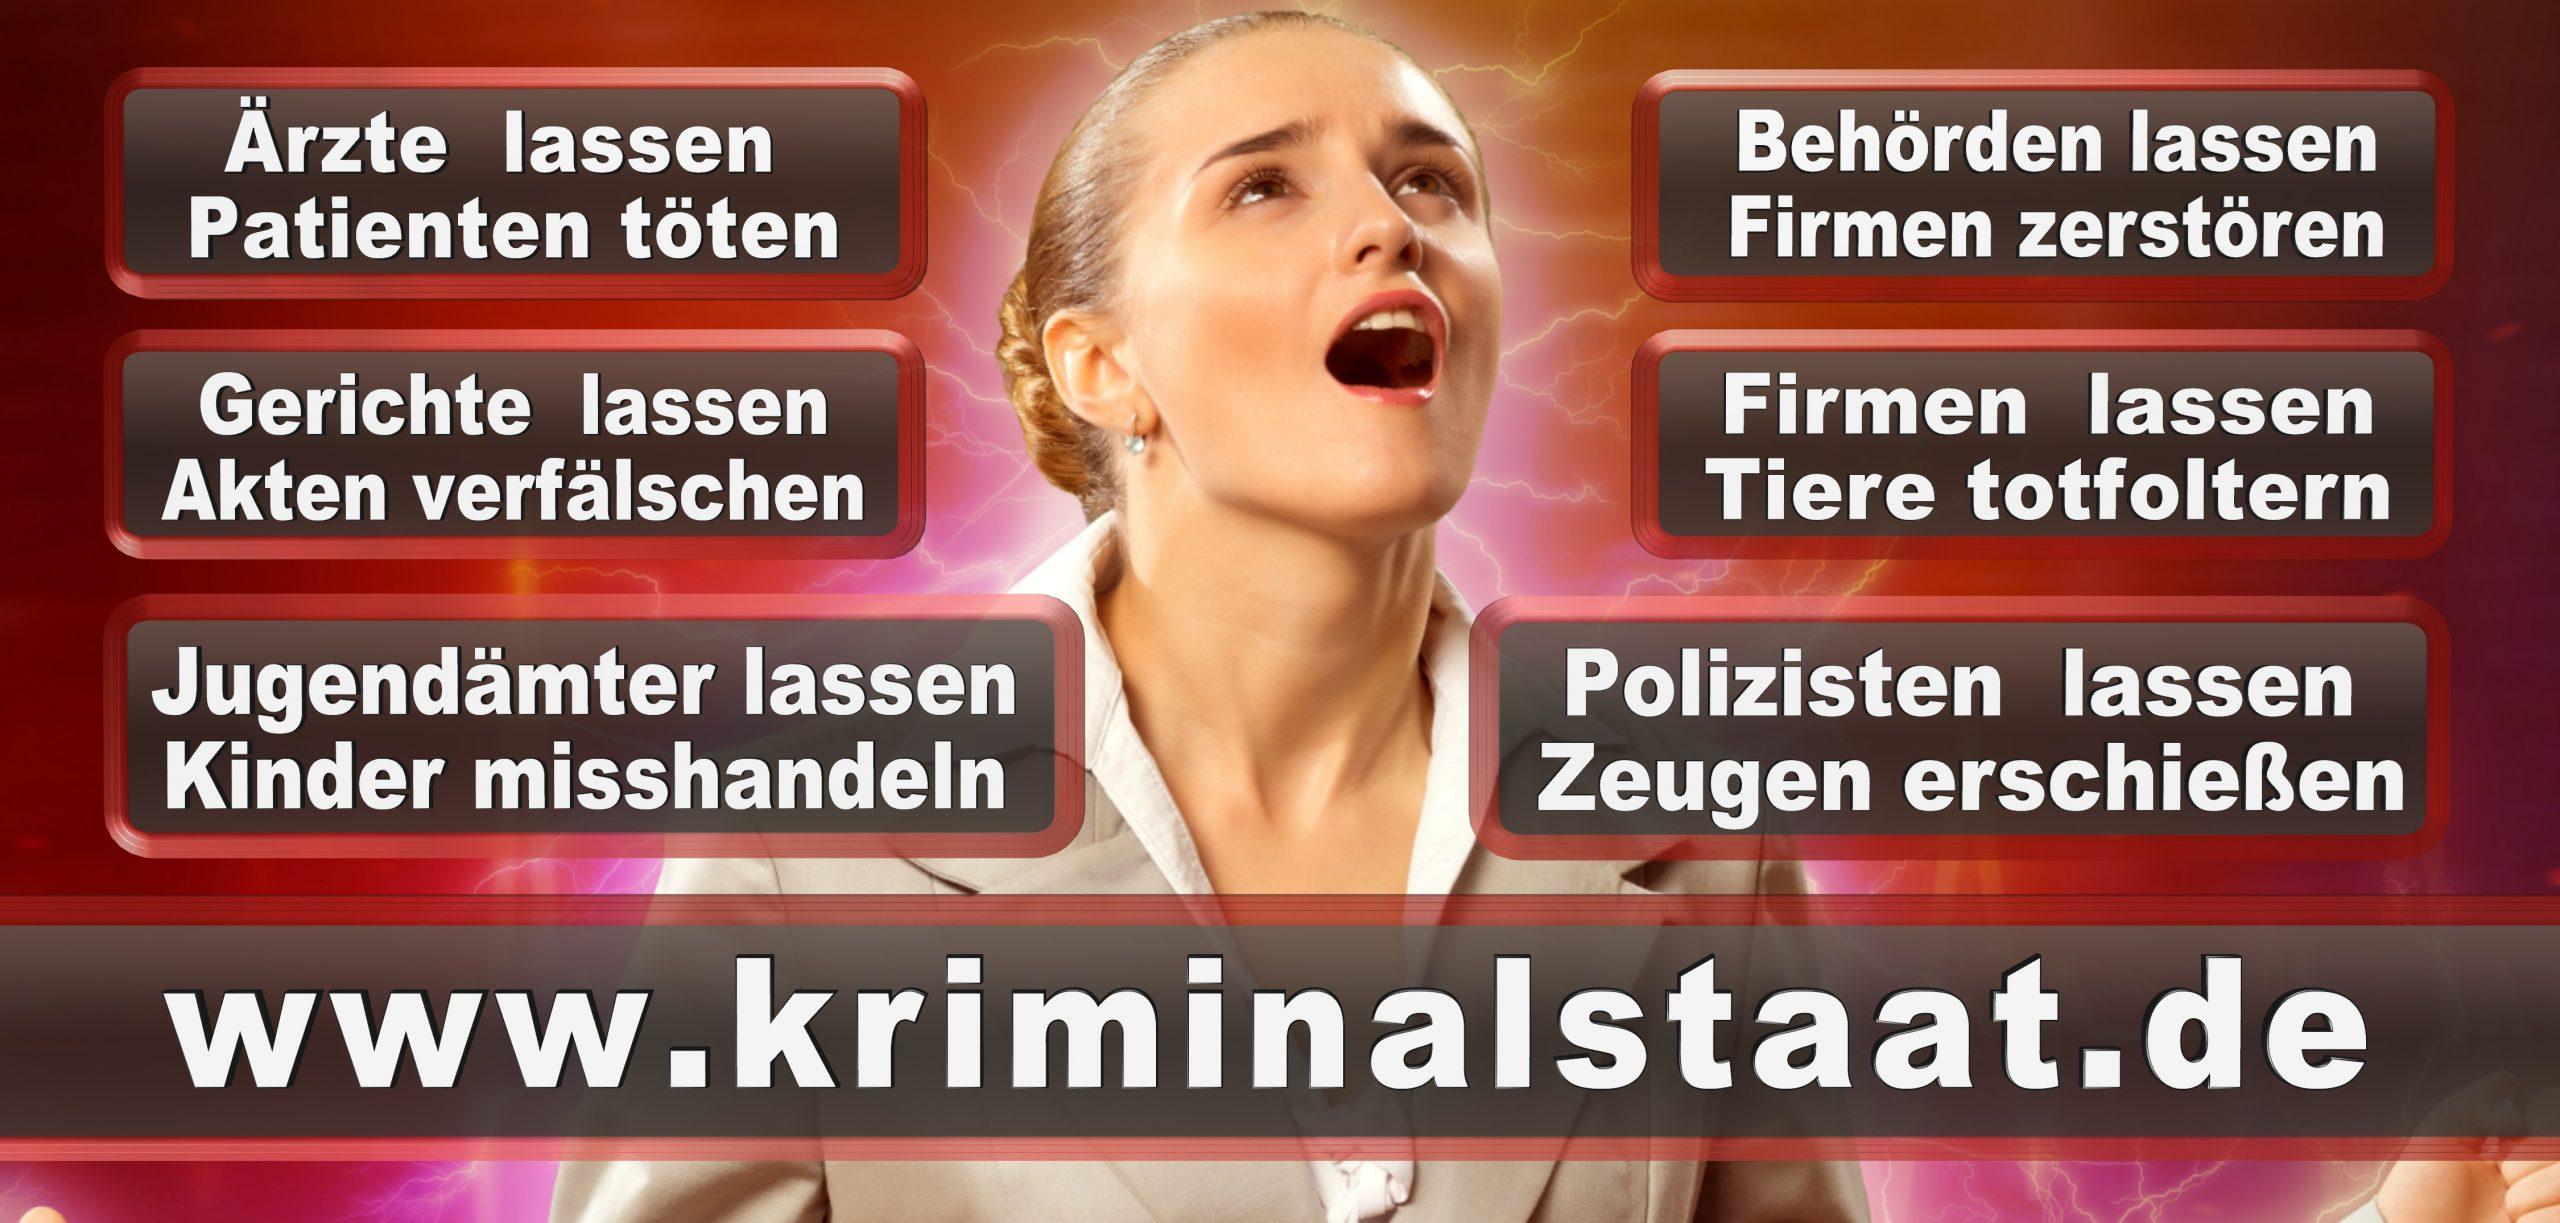 Bundestagswahl 2021 Wahlplakate CDU SPD FDP AFD Grüne Linke Stimmzettel Prognose Umfrage Kandidaten Parteien Datum (73)